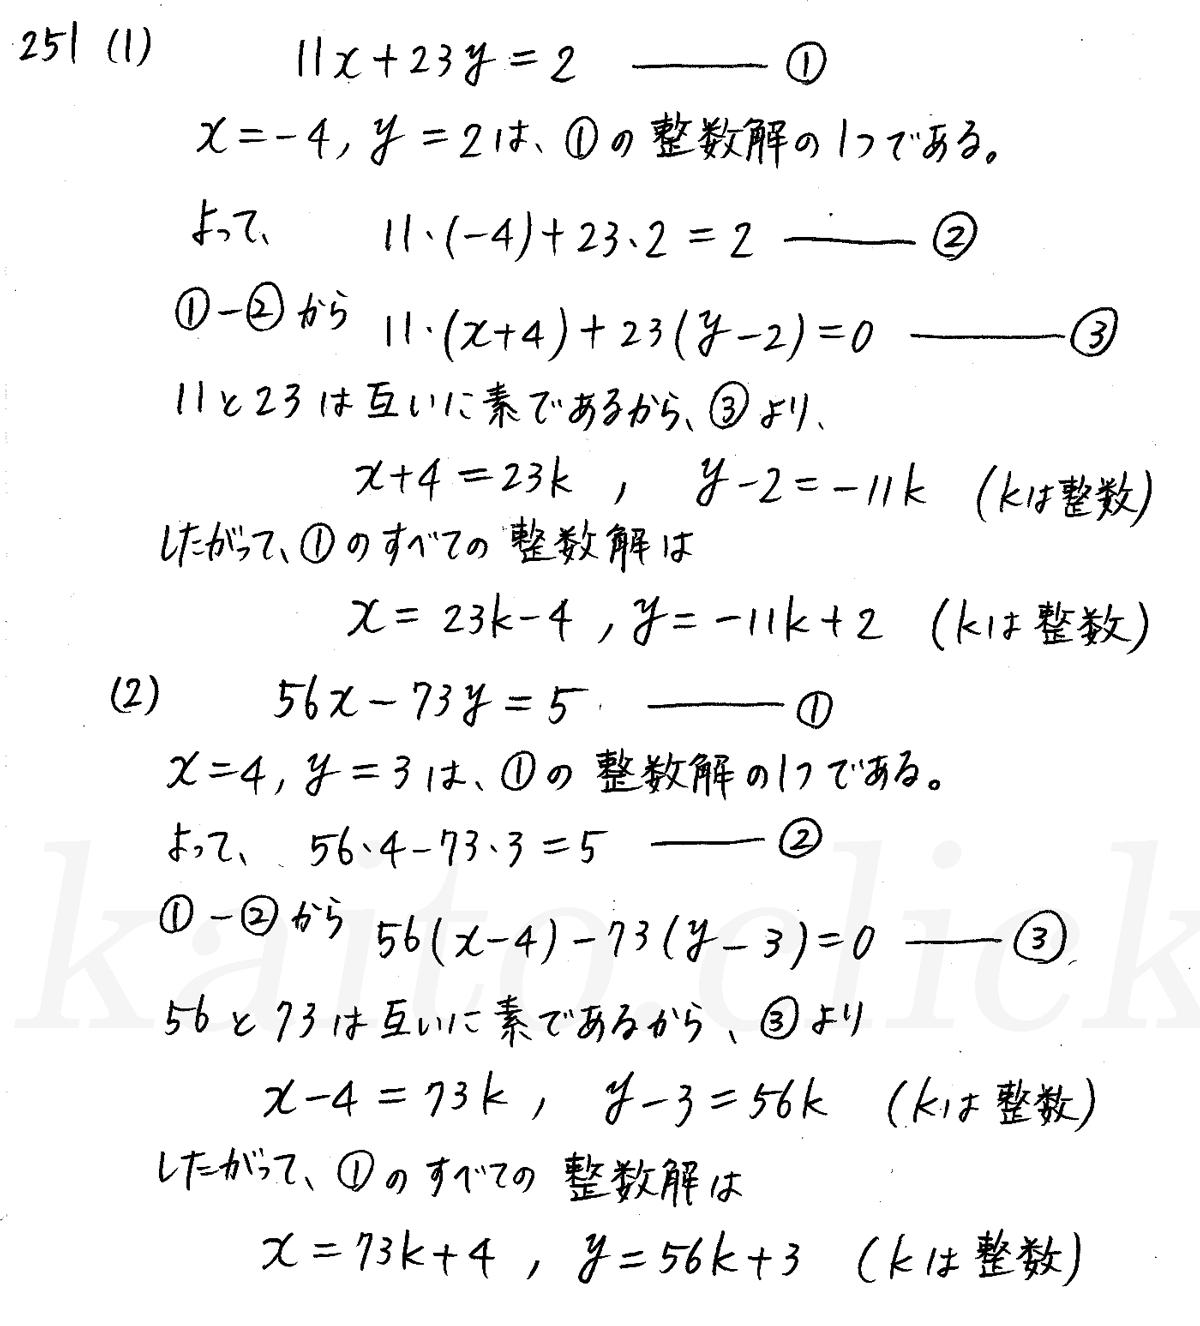 クリアー数学A-251解答